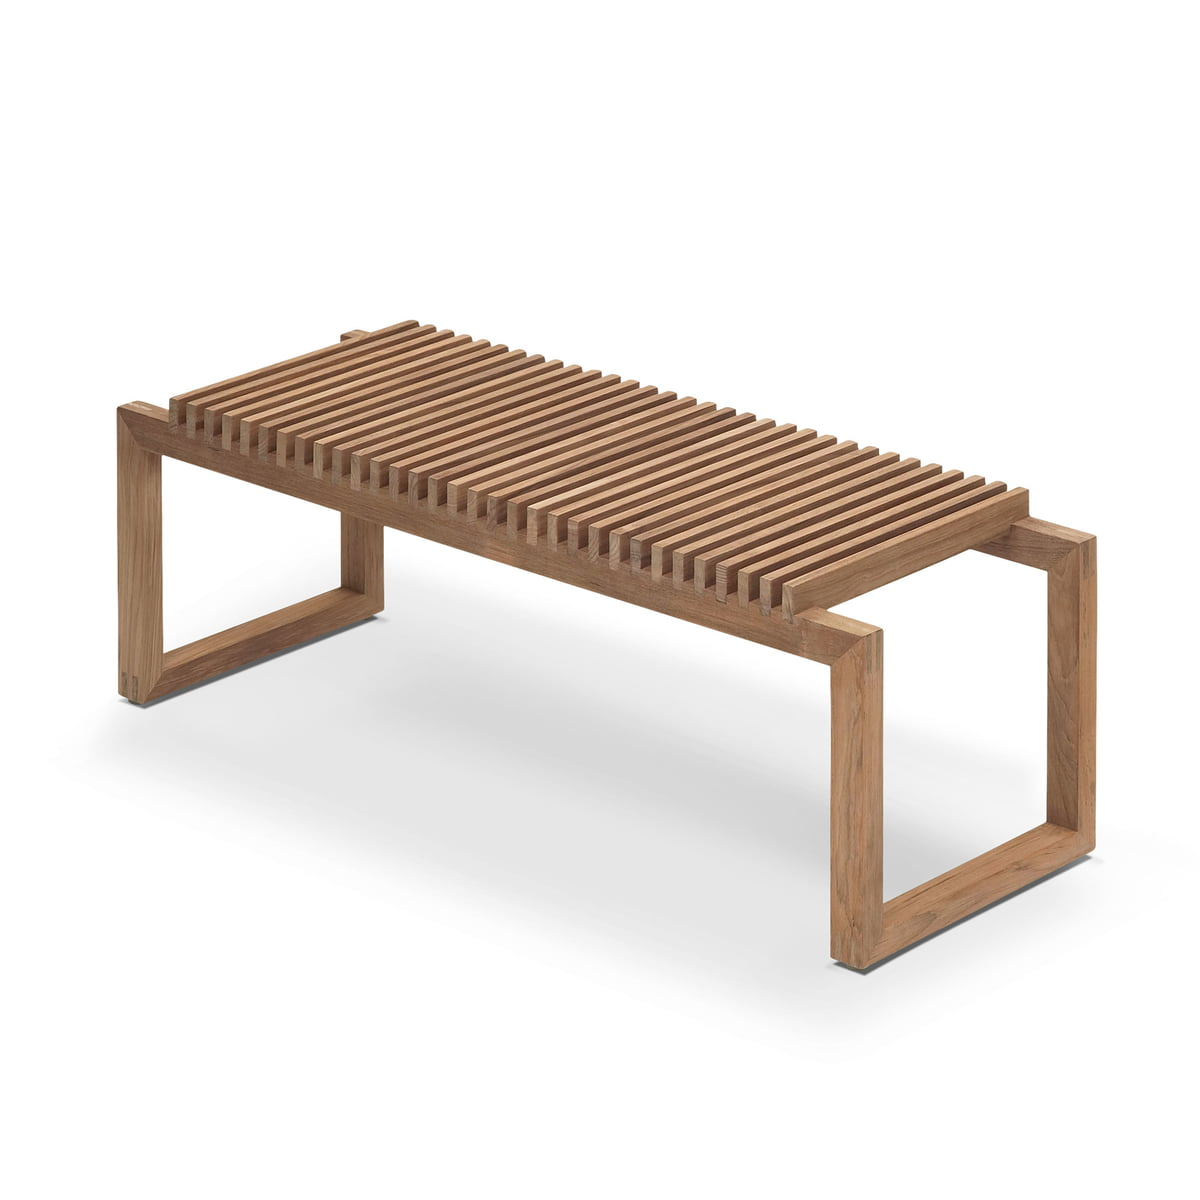 Cutter wooden bench | Skagerak | Shop